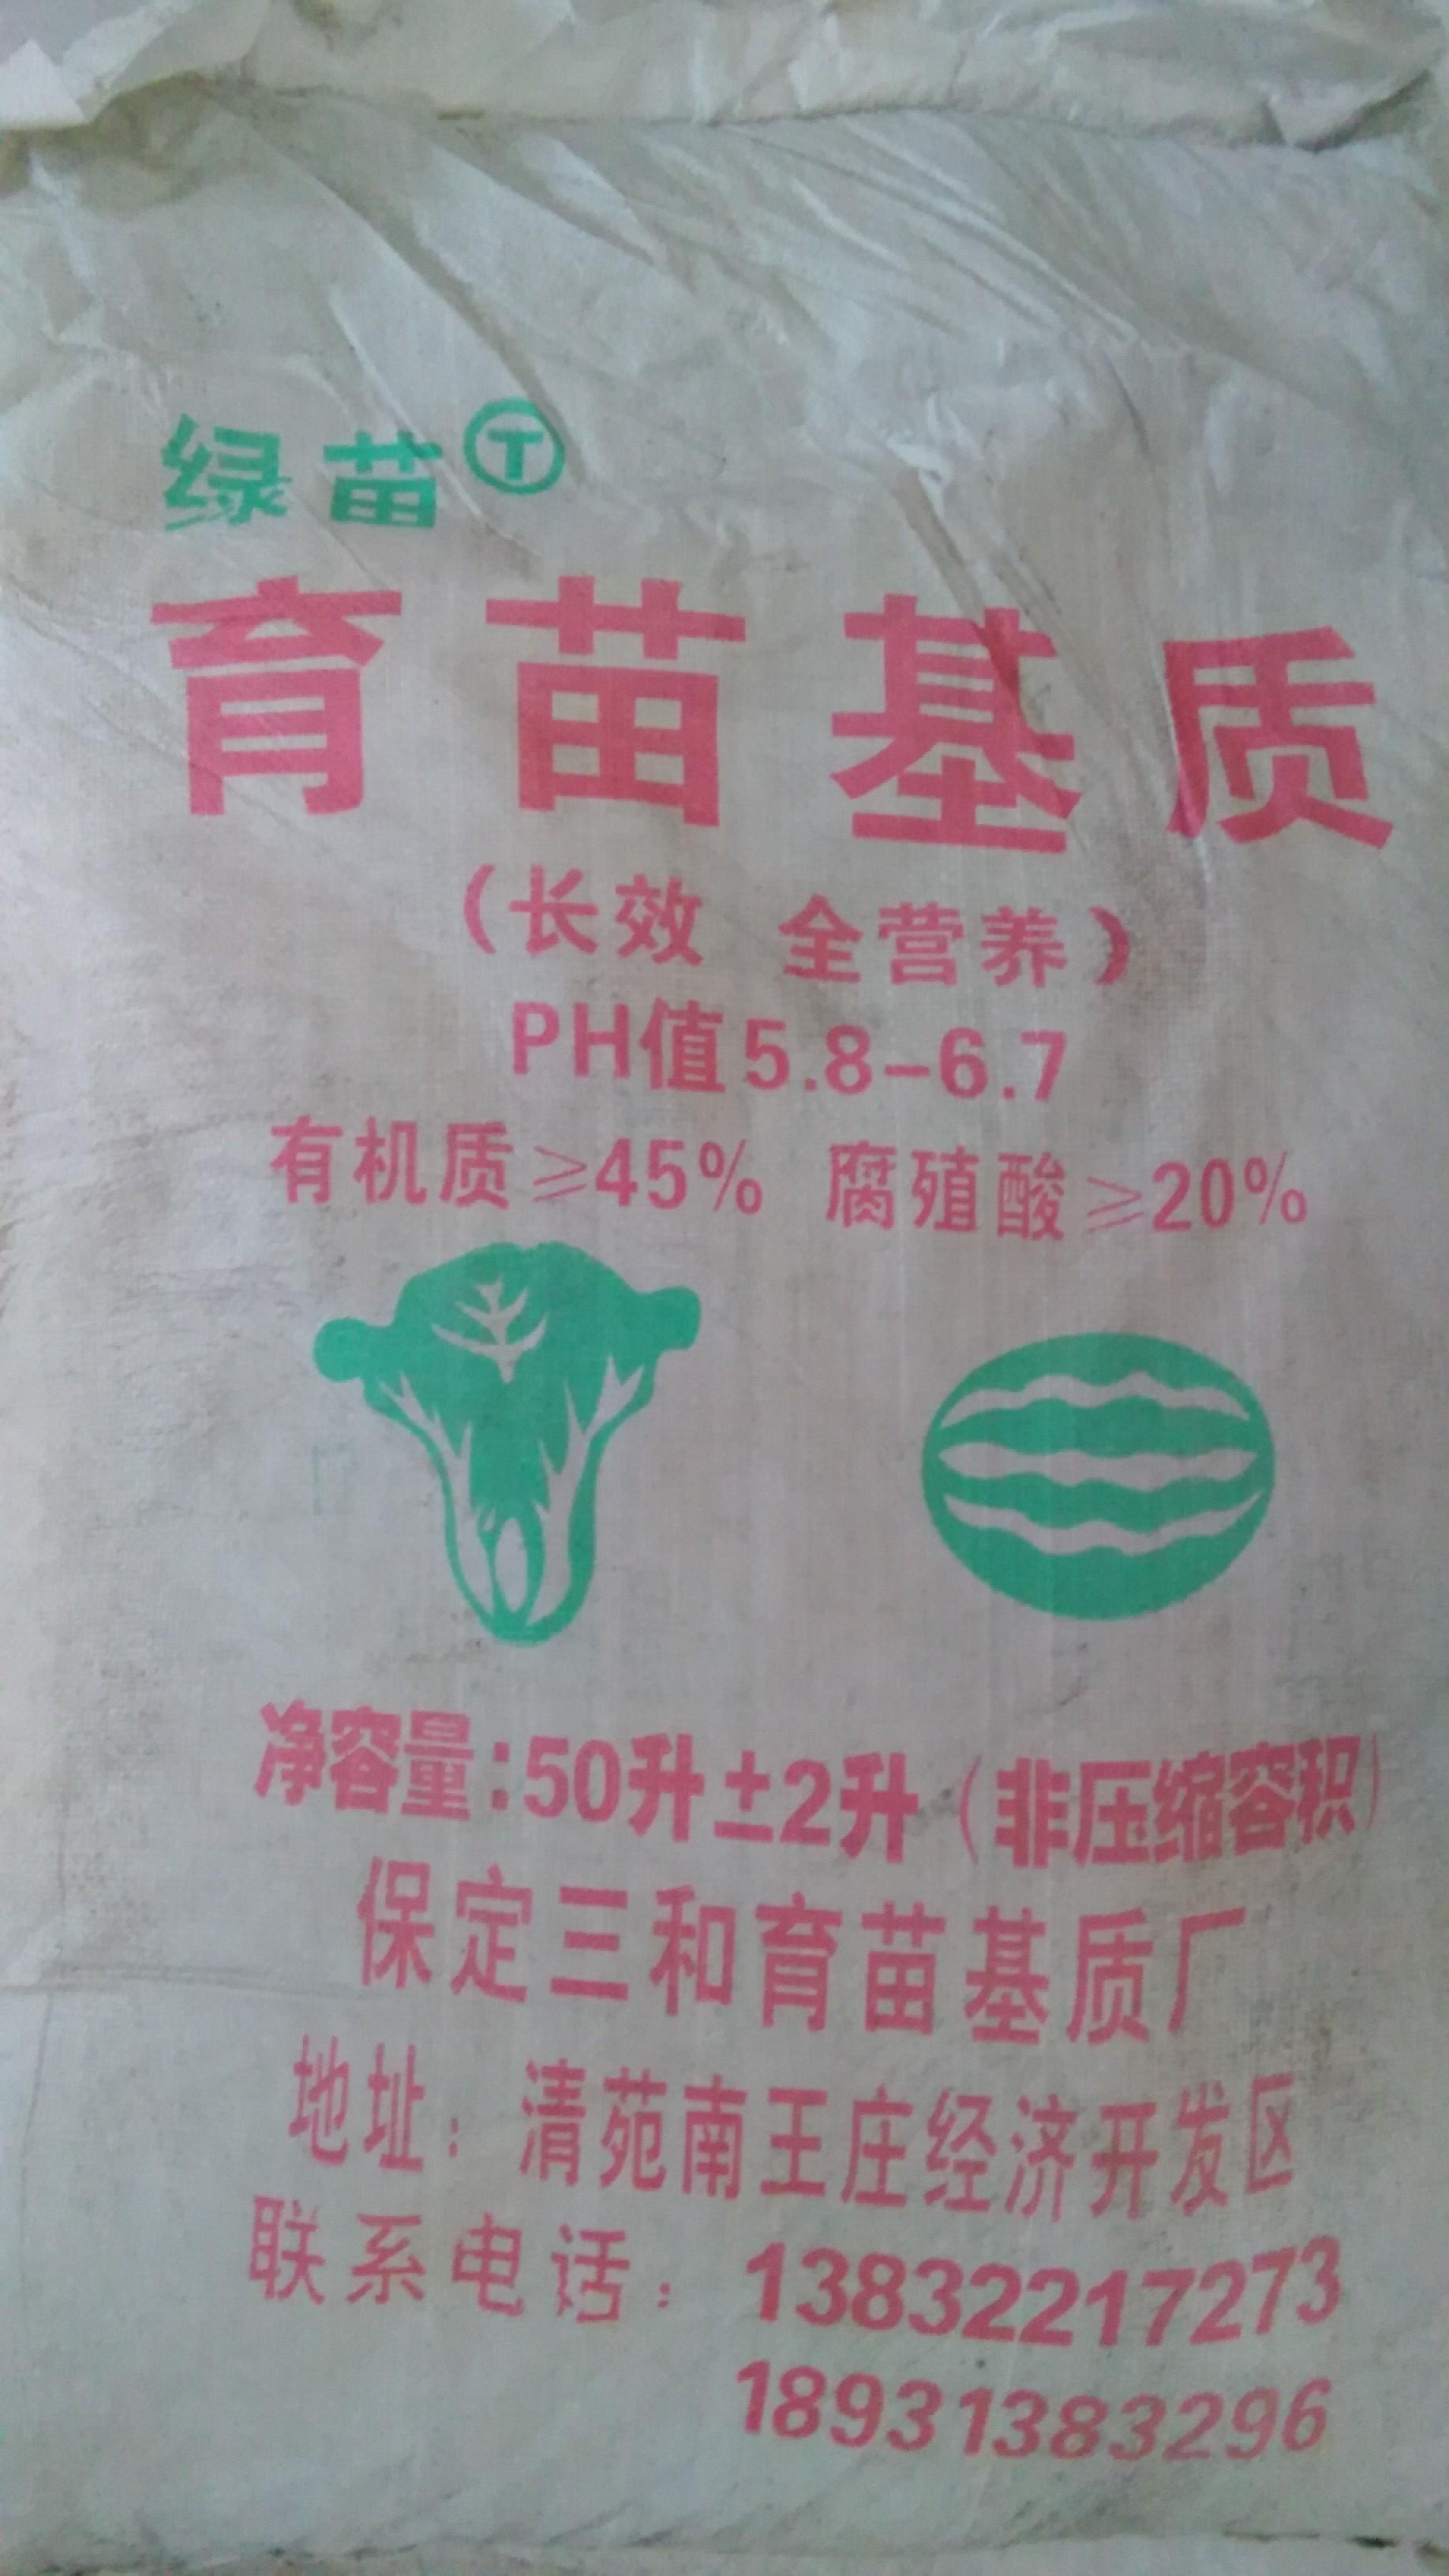 供应育苗基质 优质育苗基质配方 育苗基质有机肥厂 育苗基质批发价格